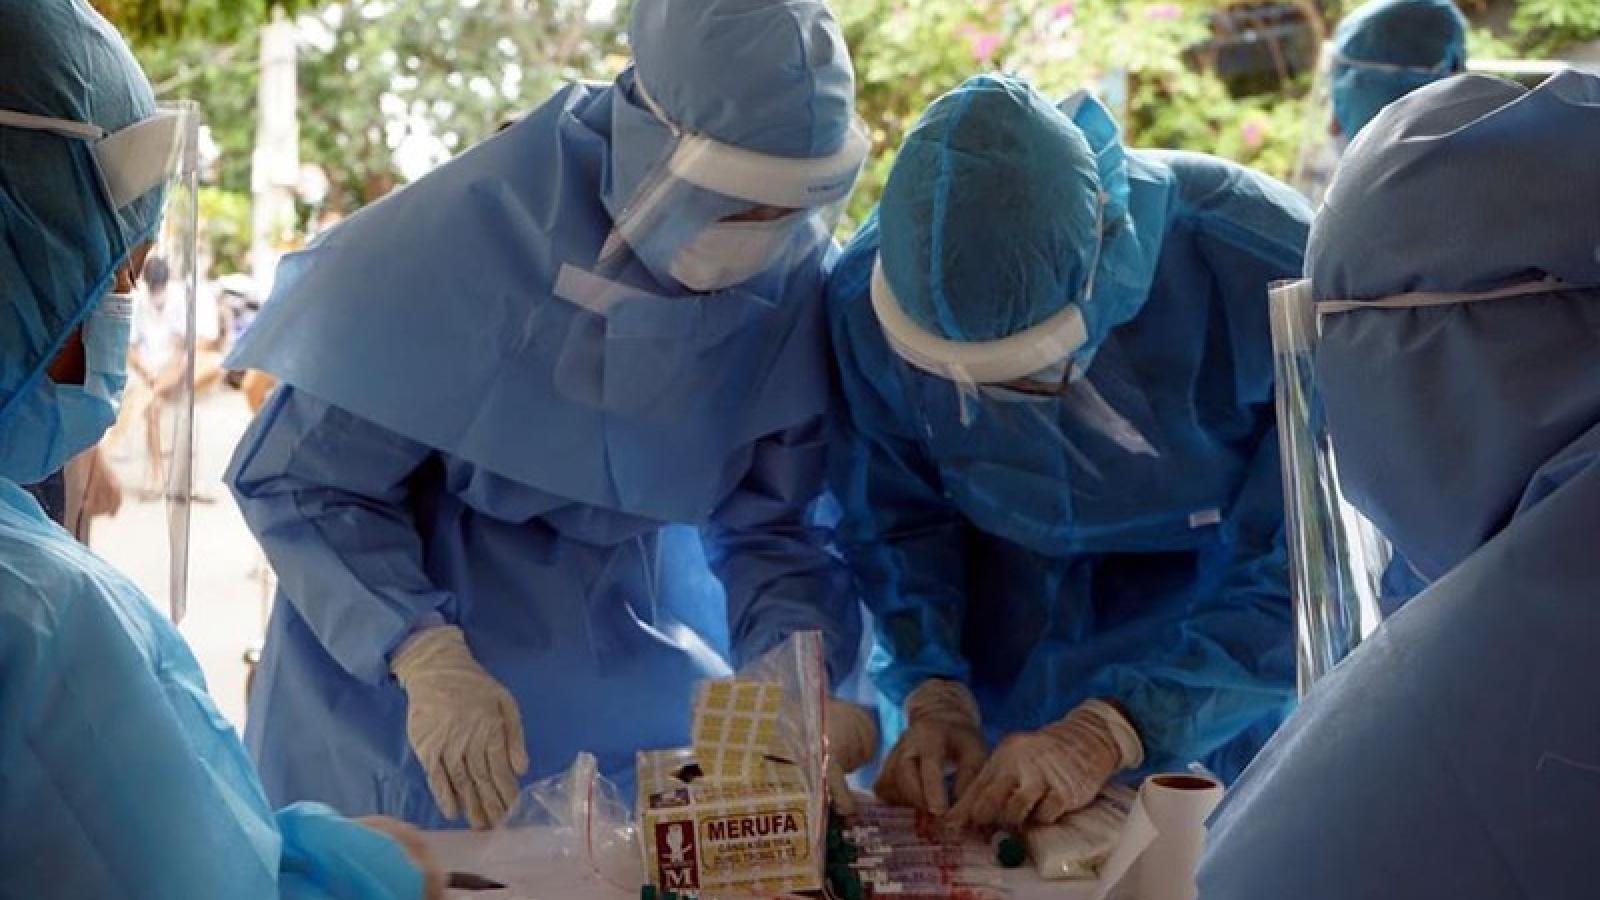 Thêm 1 bệnh nhân Covid-19 không qua khỏi, Việt Nam có 8 ca tử vong